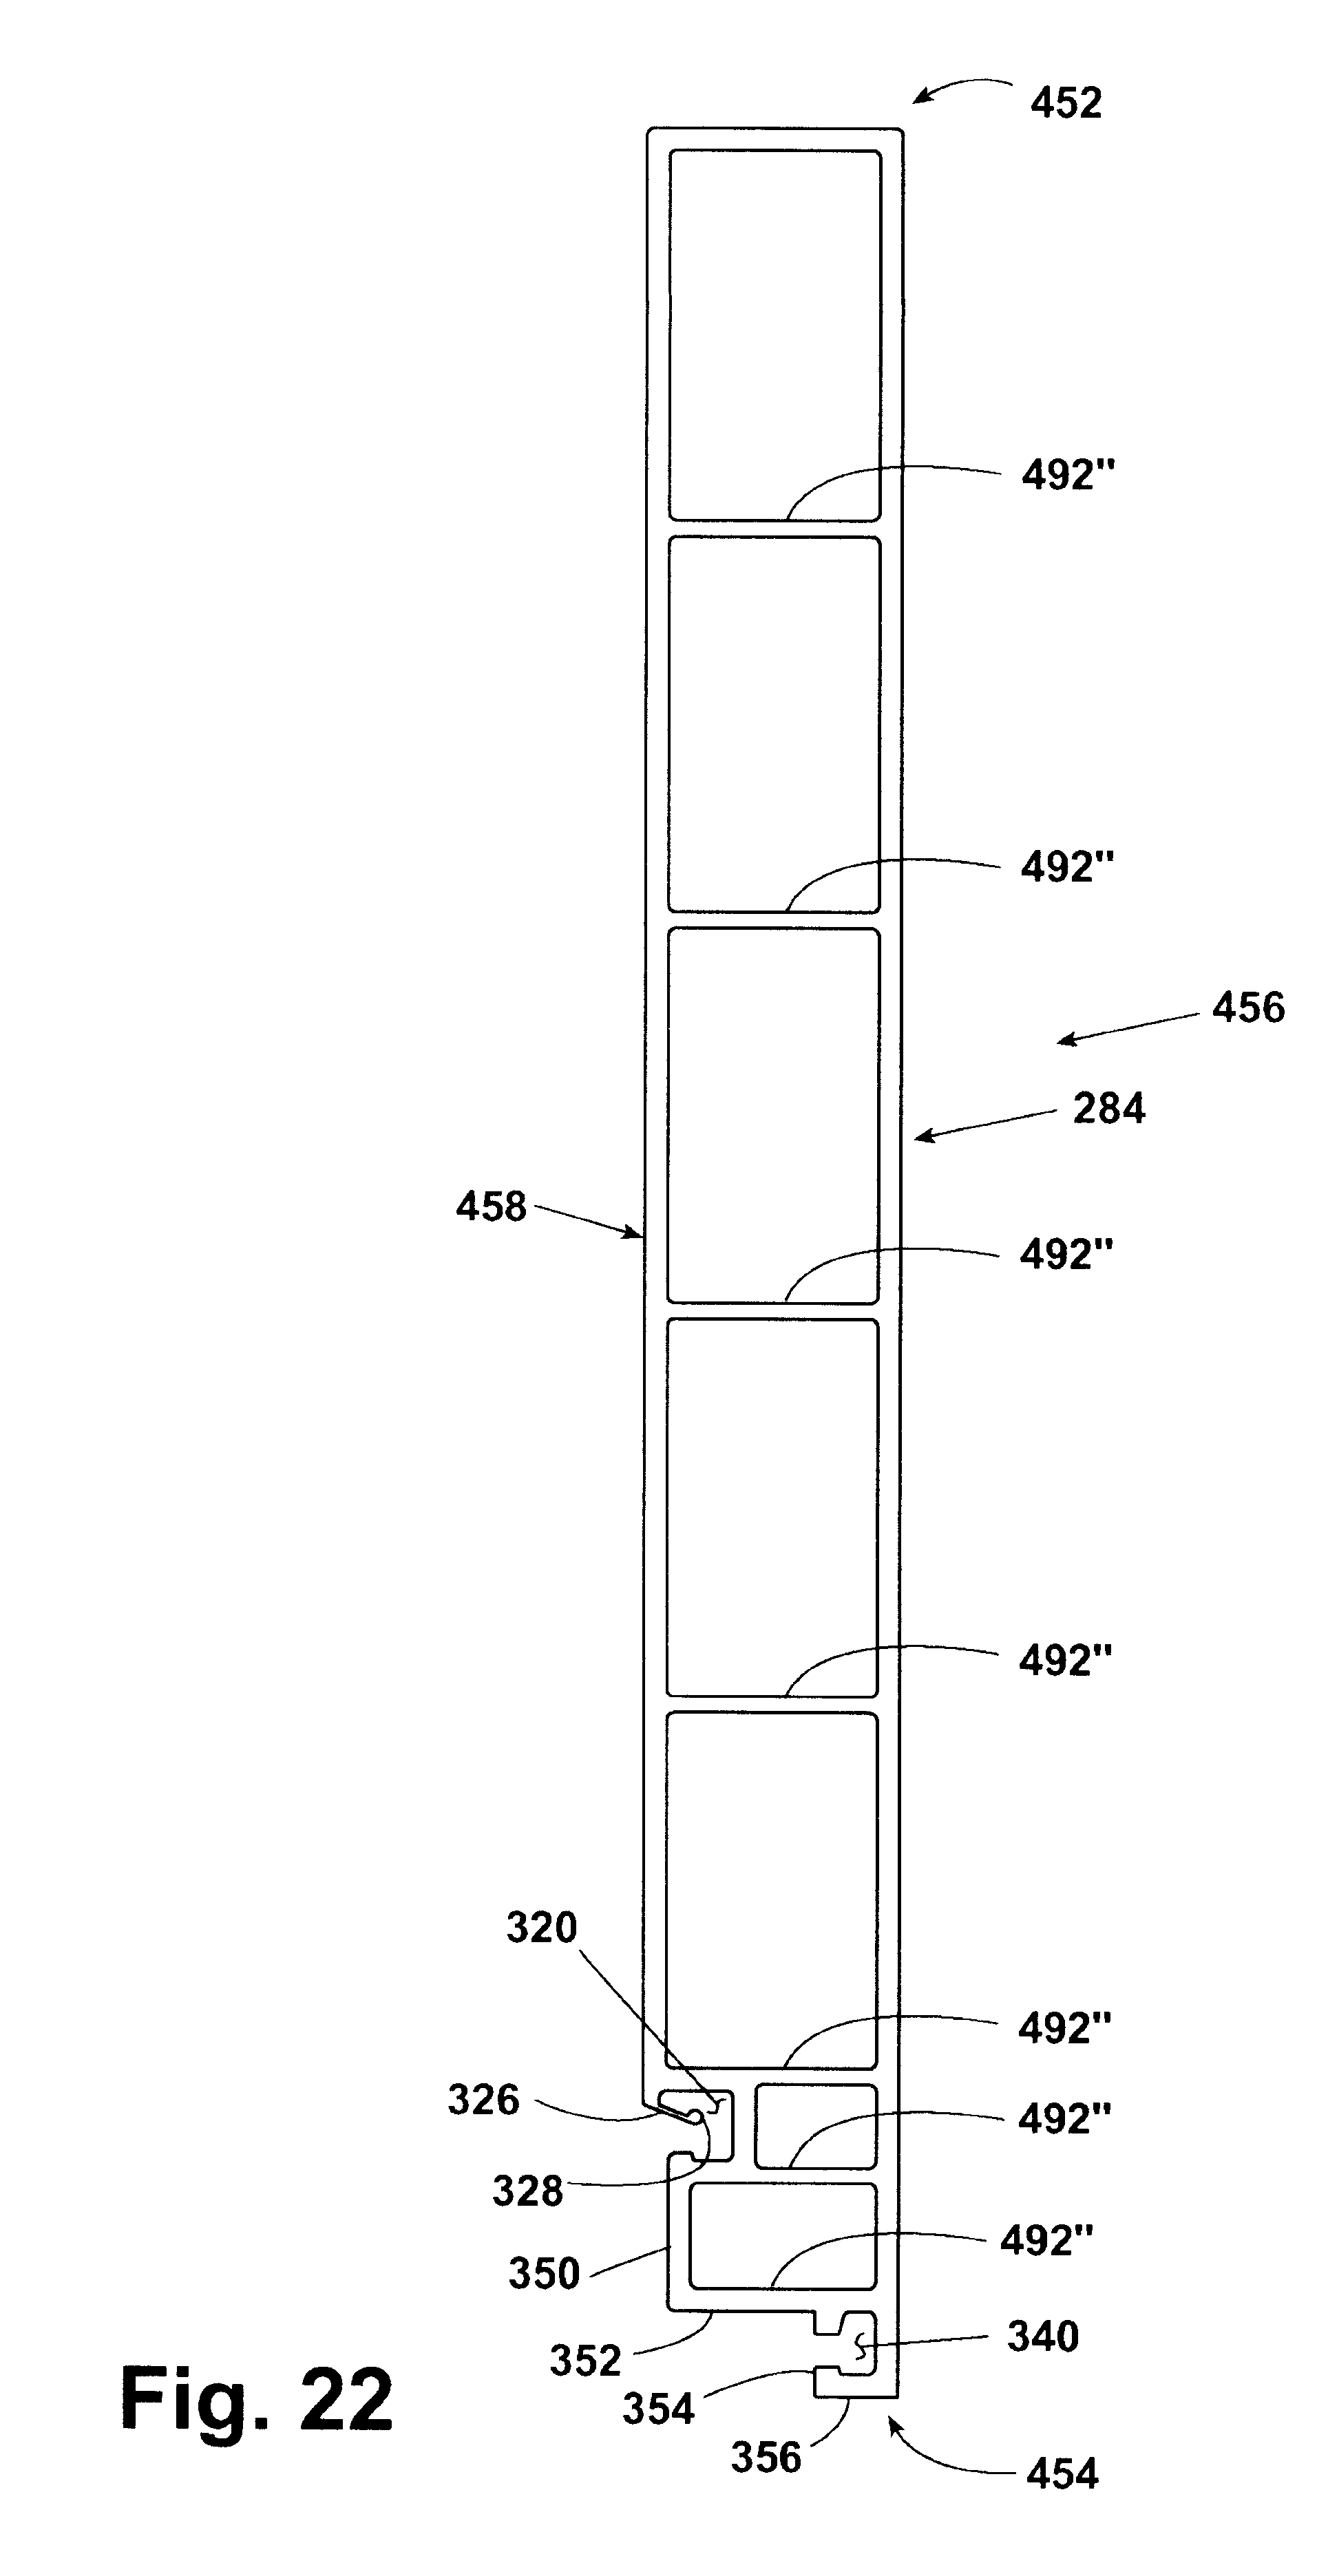 电路 电路图 电子 原理图 1929_3743 竖版 竖屏